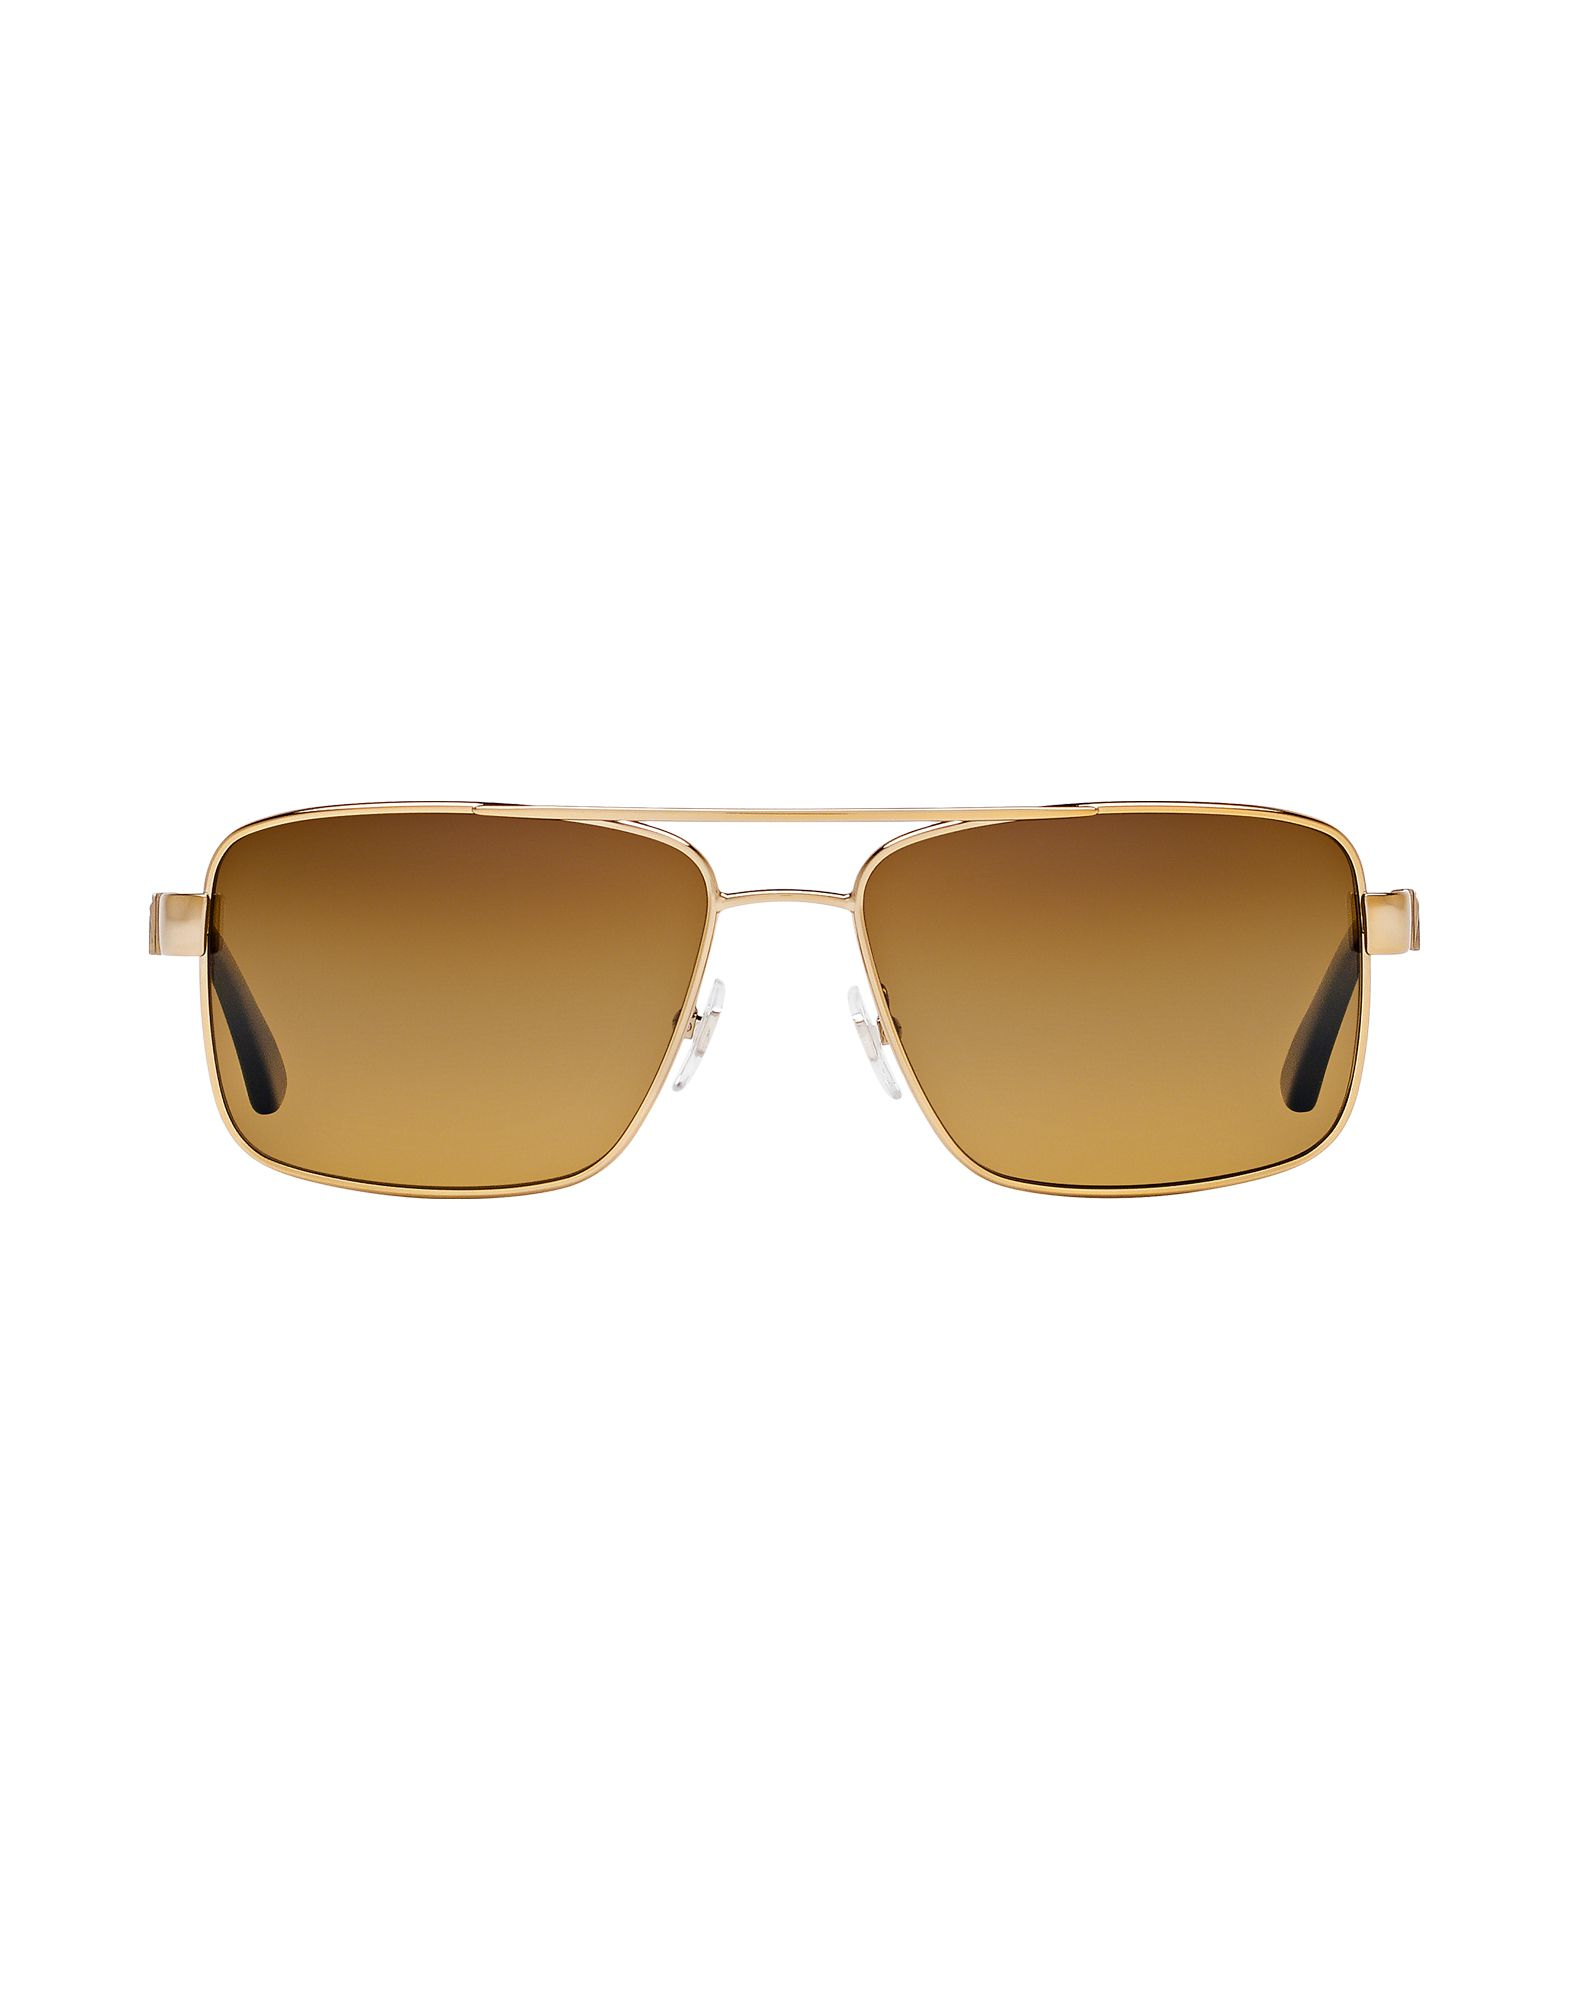 Versace   Sunglass Hut Online Store   Sunglasses for Men ...